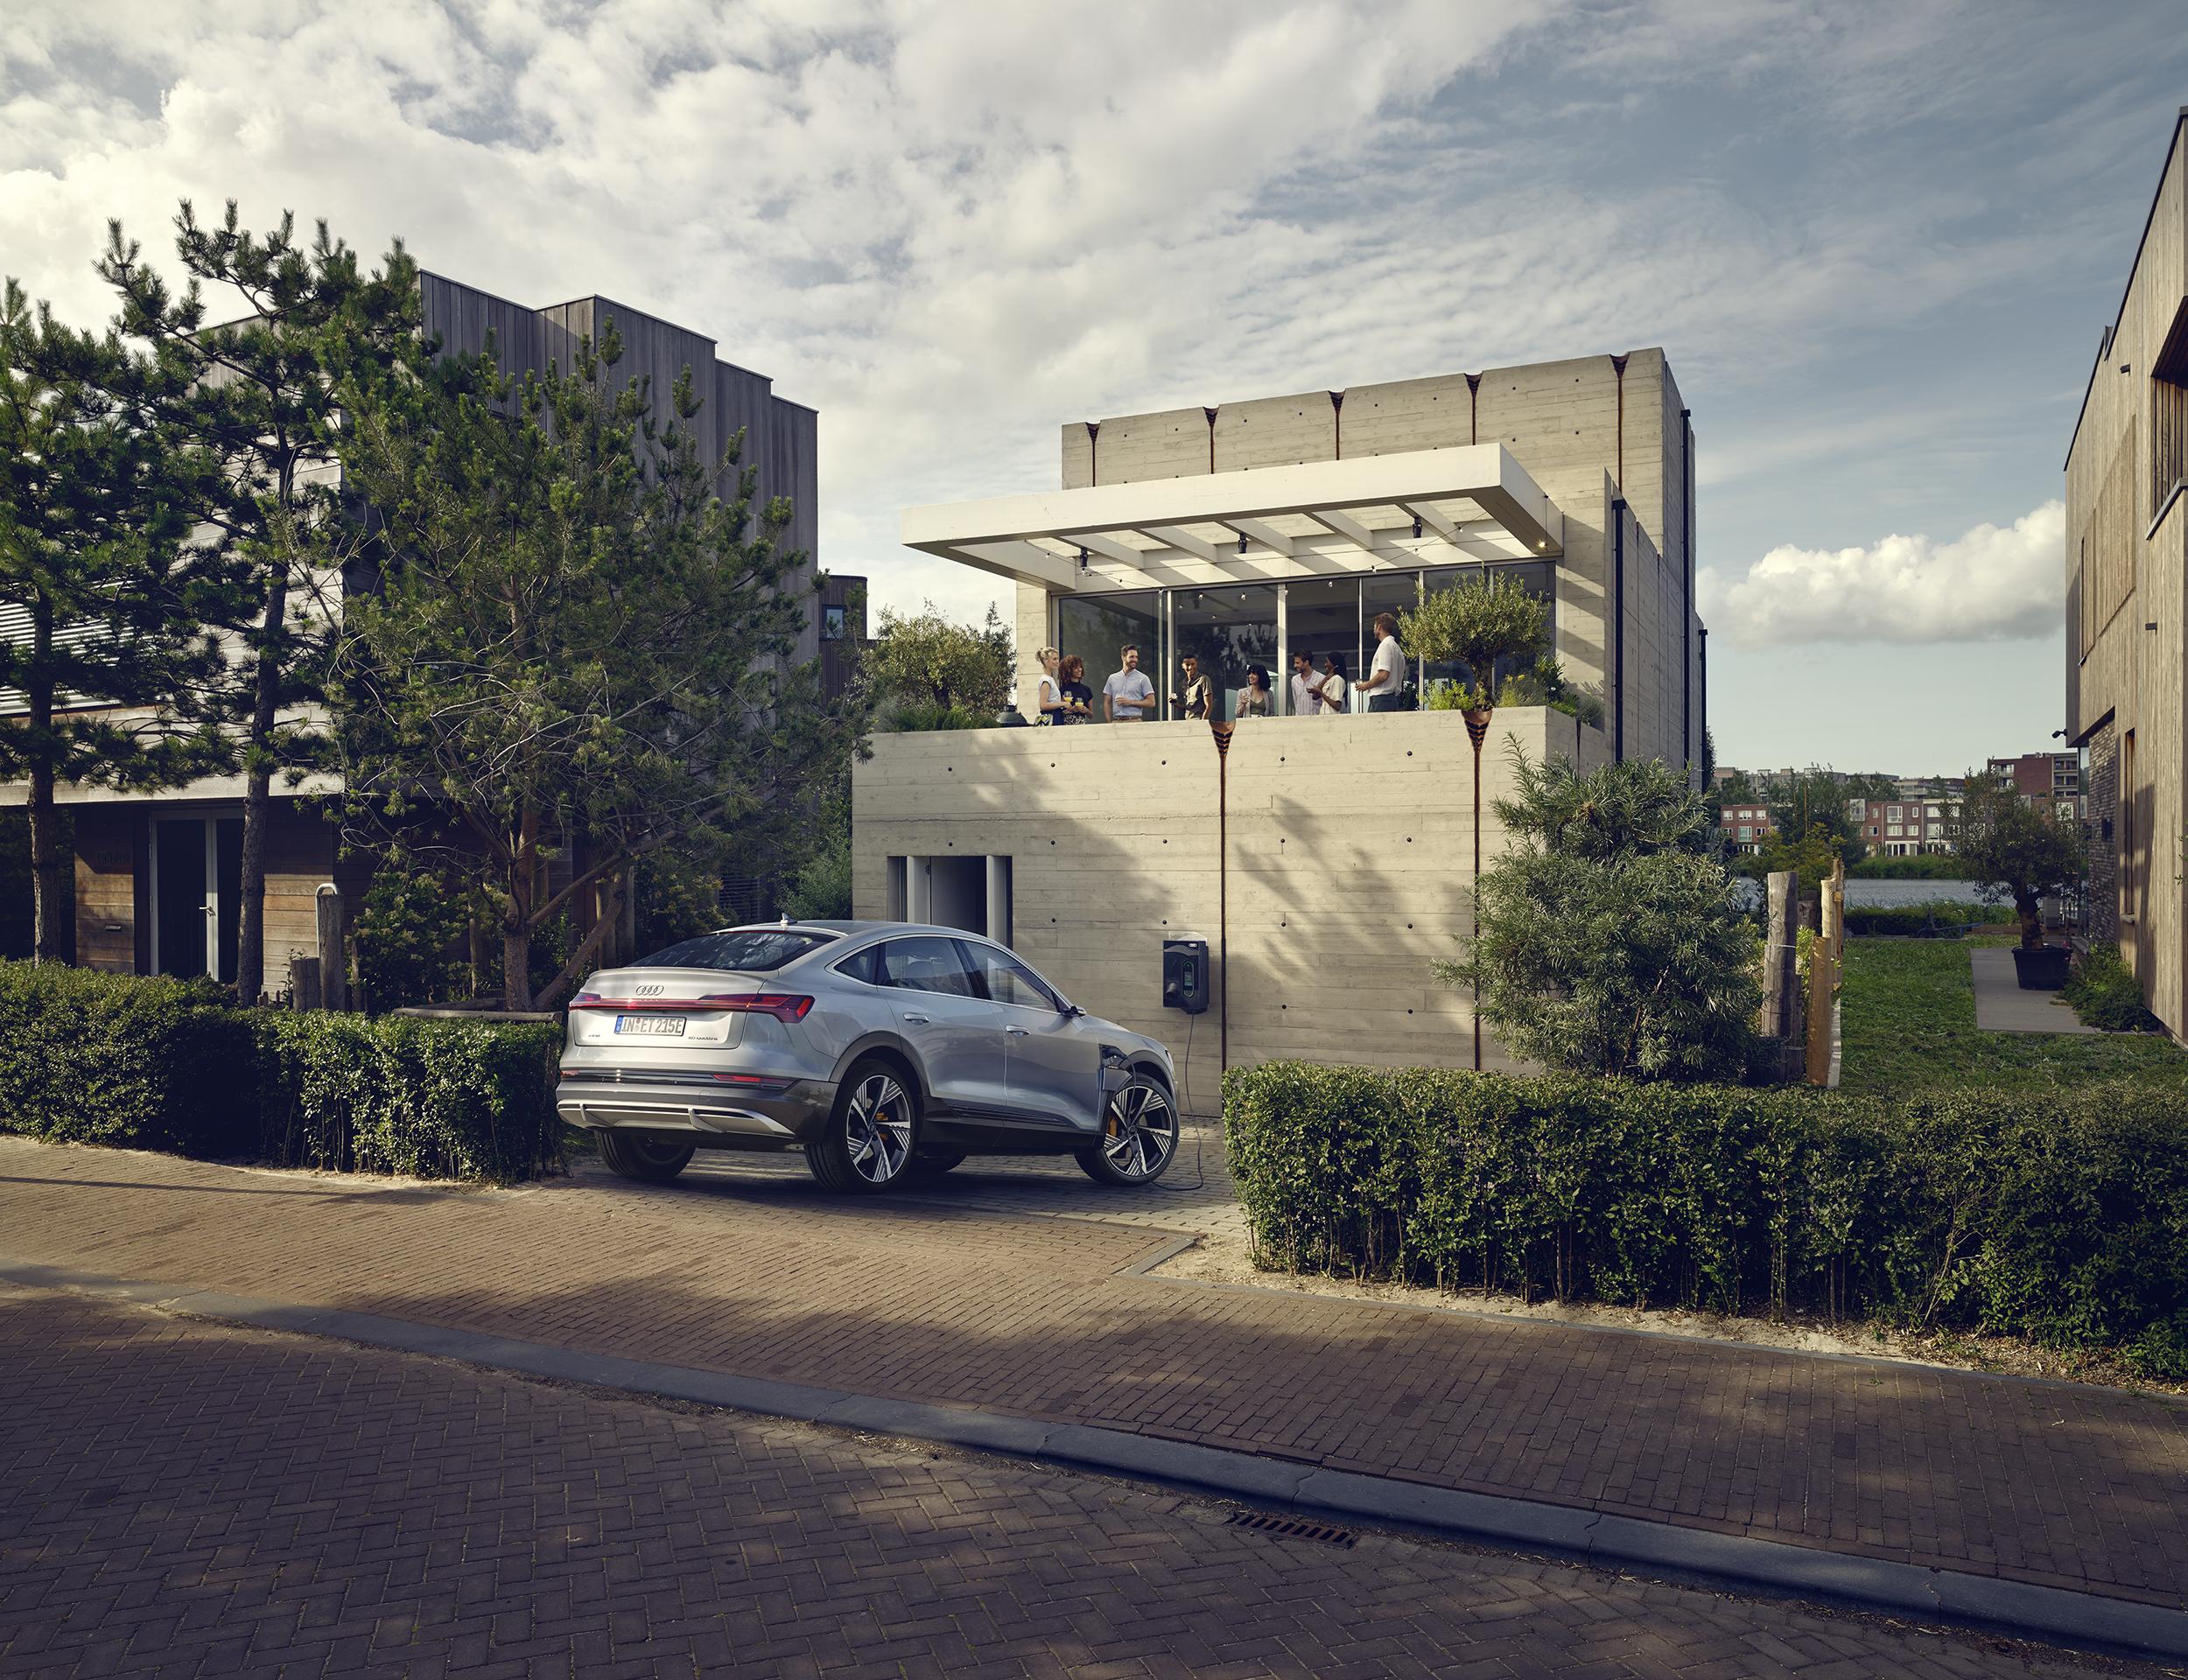 Audi e-tron sportback parkiran pred moderno betonsko hišo. Na terasi hiše več ljudi, v okolici veliko zelenja